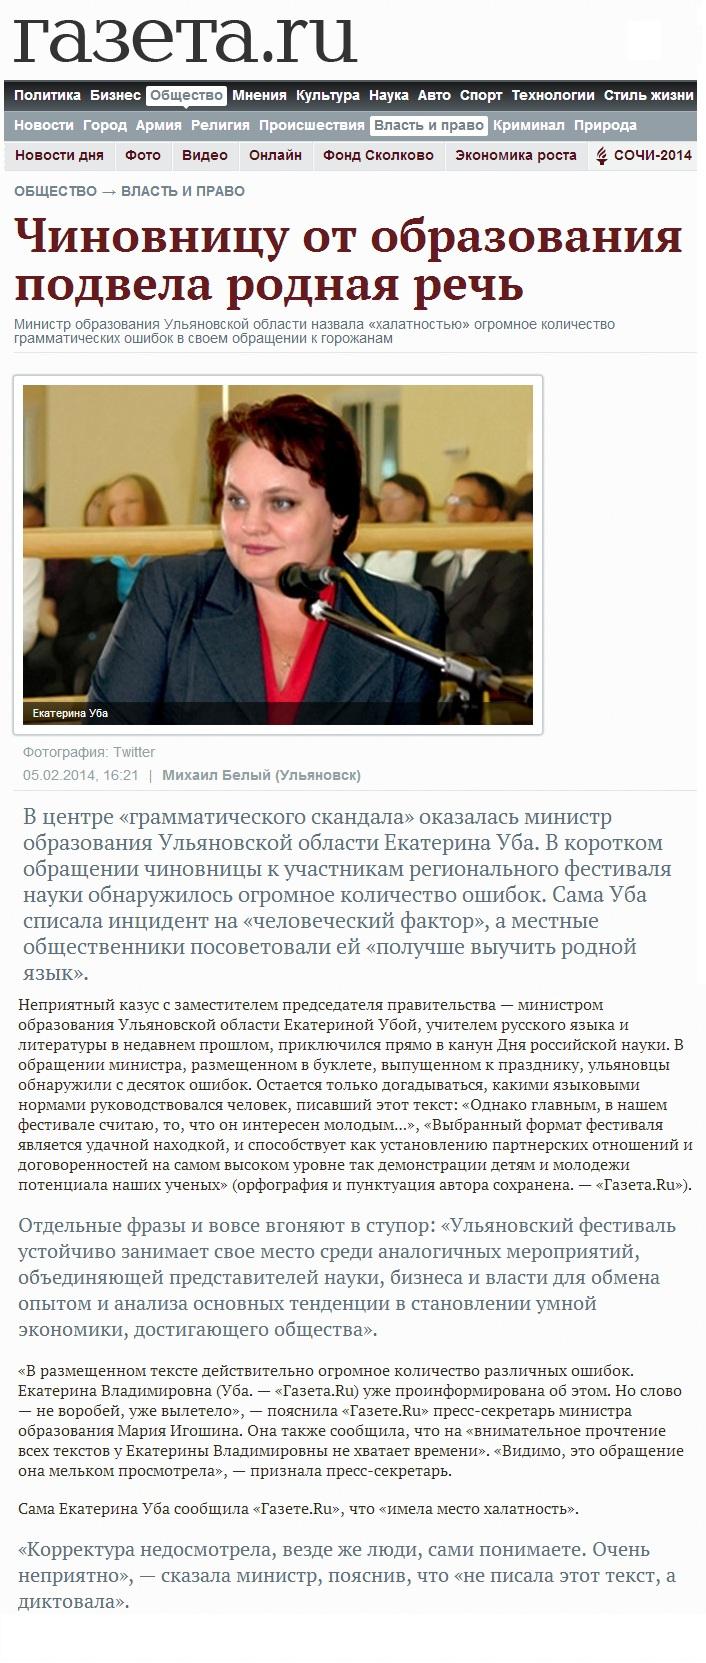 ульяновские министры